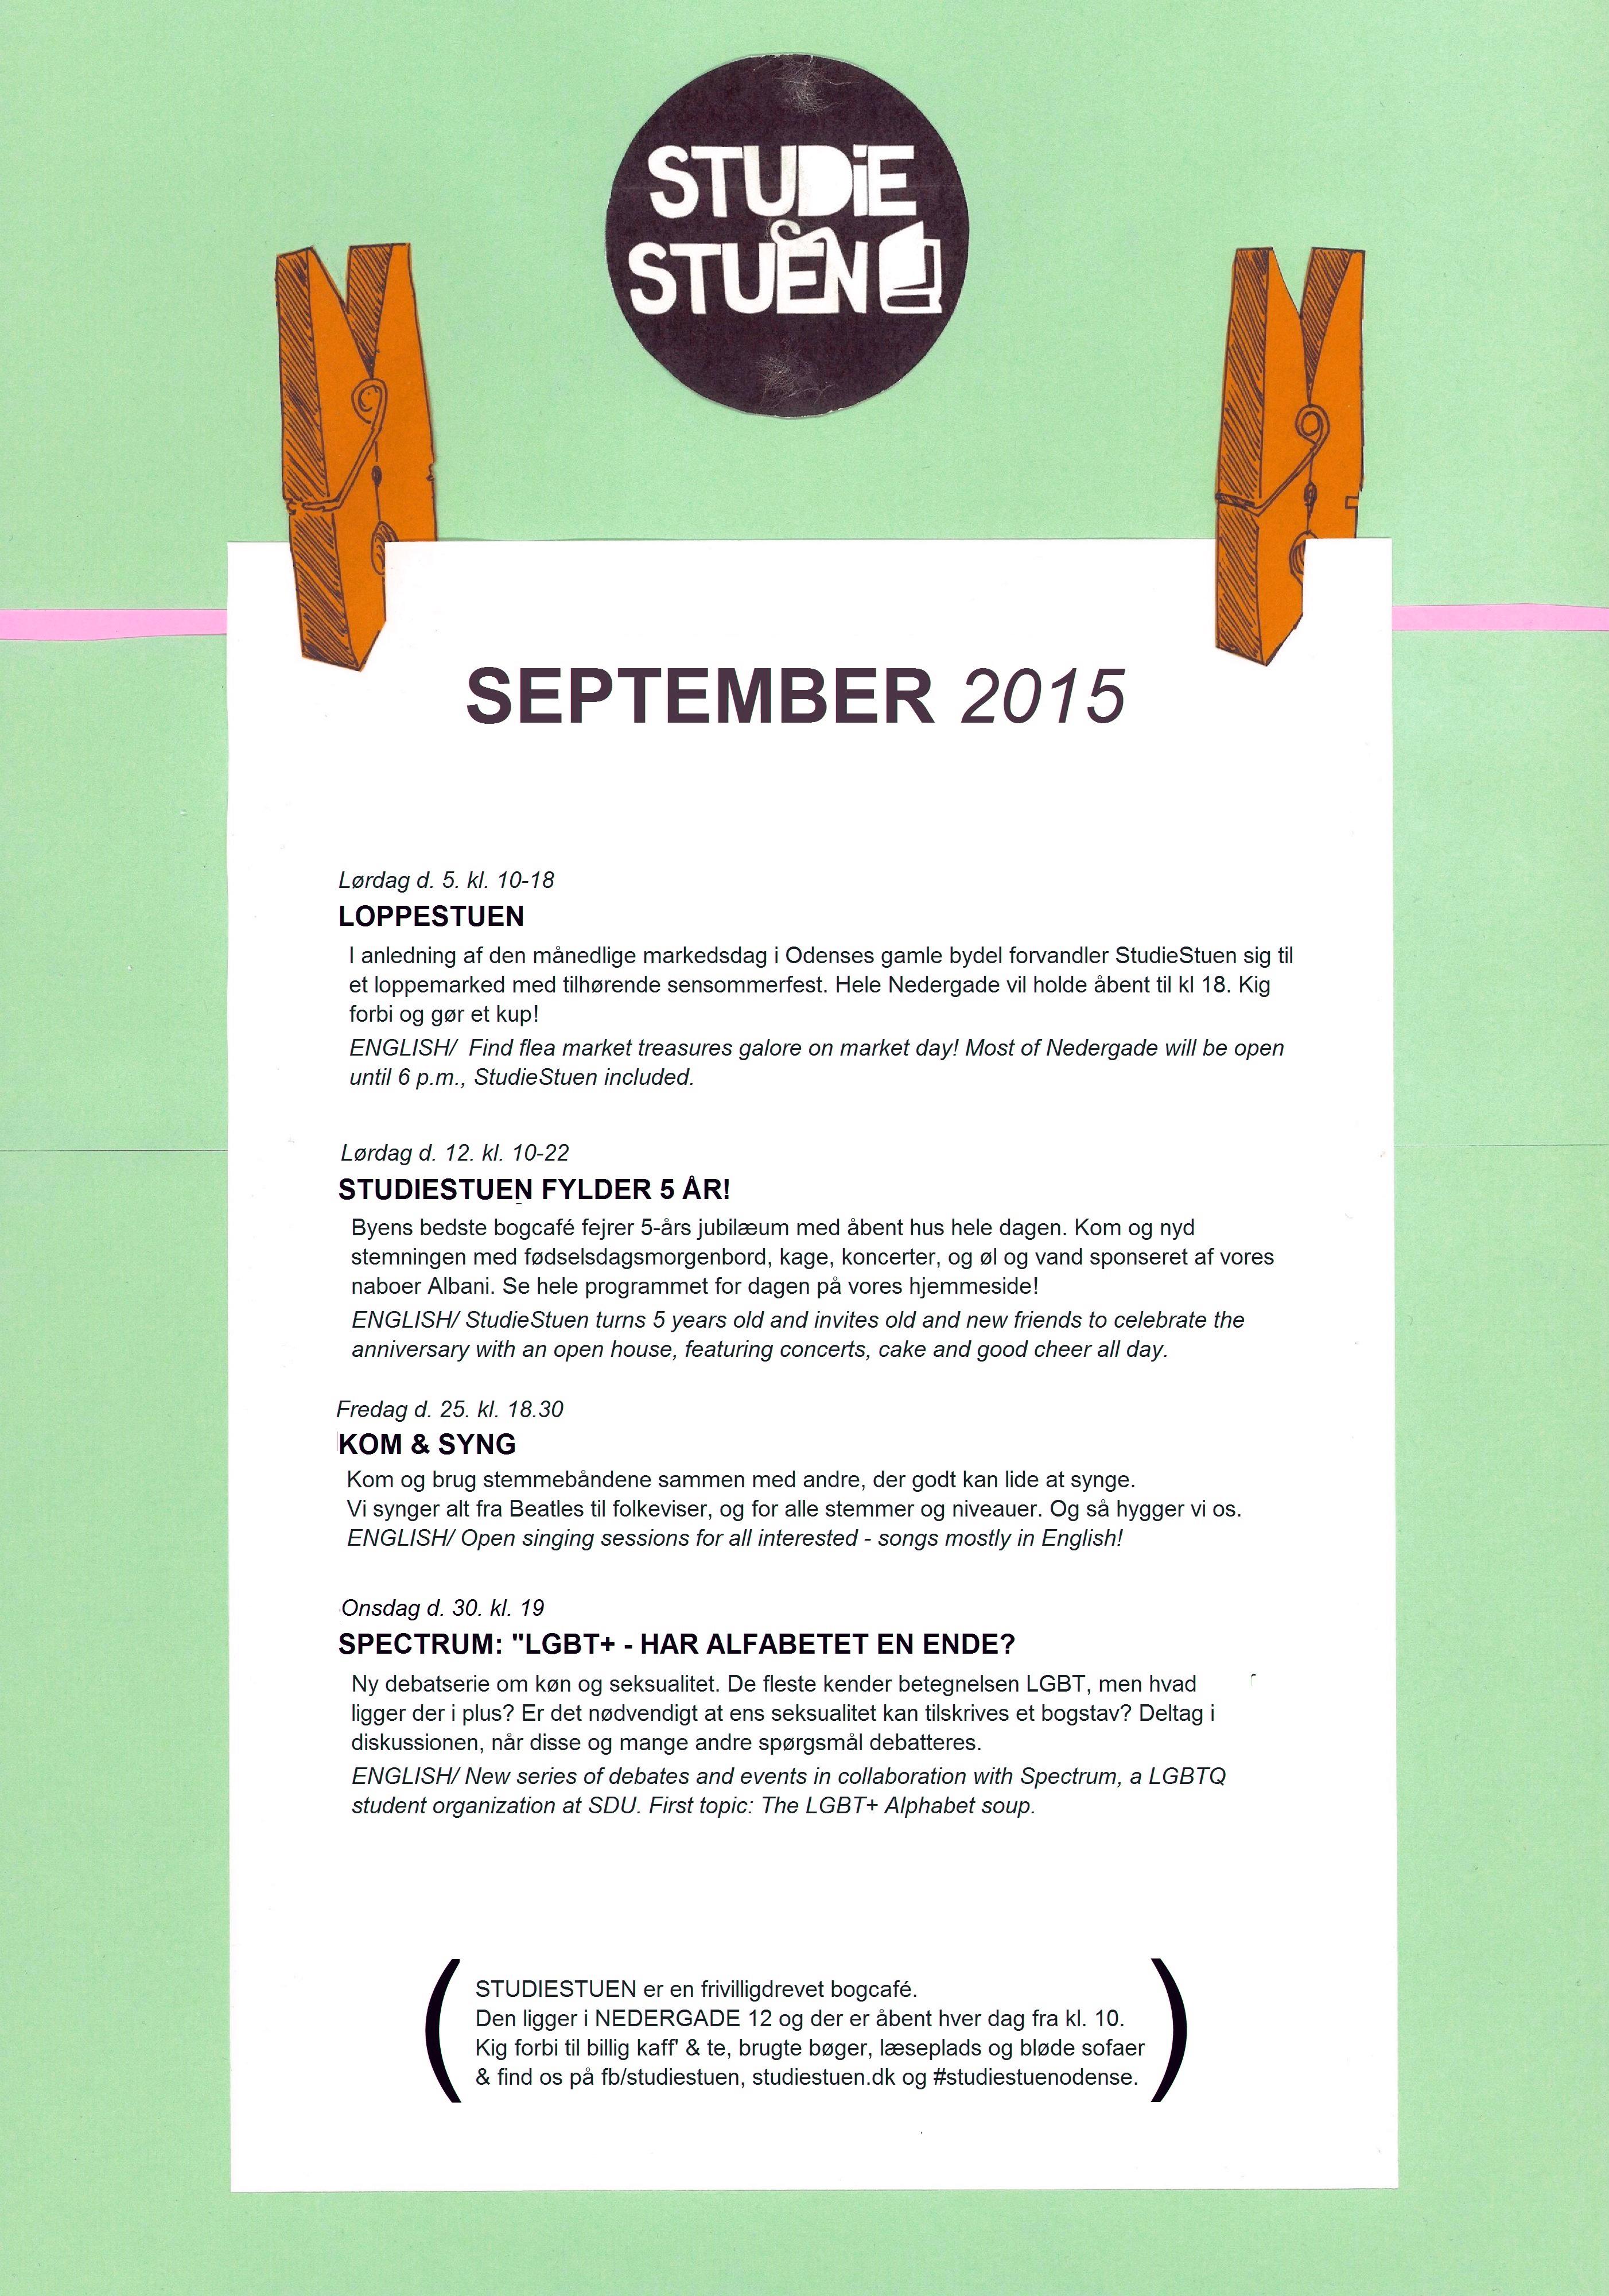 begivenhedskalender september 2015 - efterår